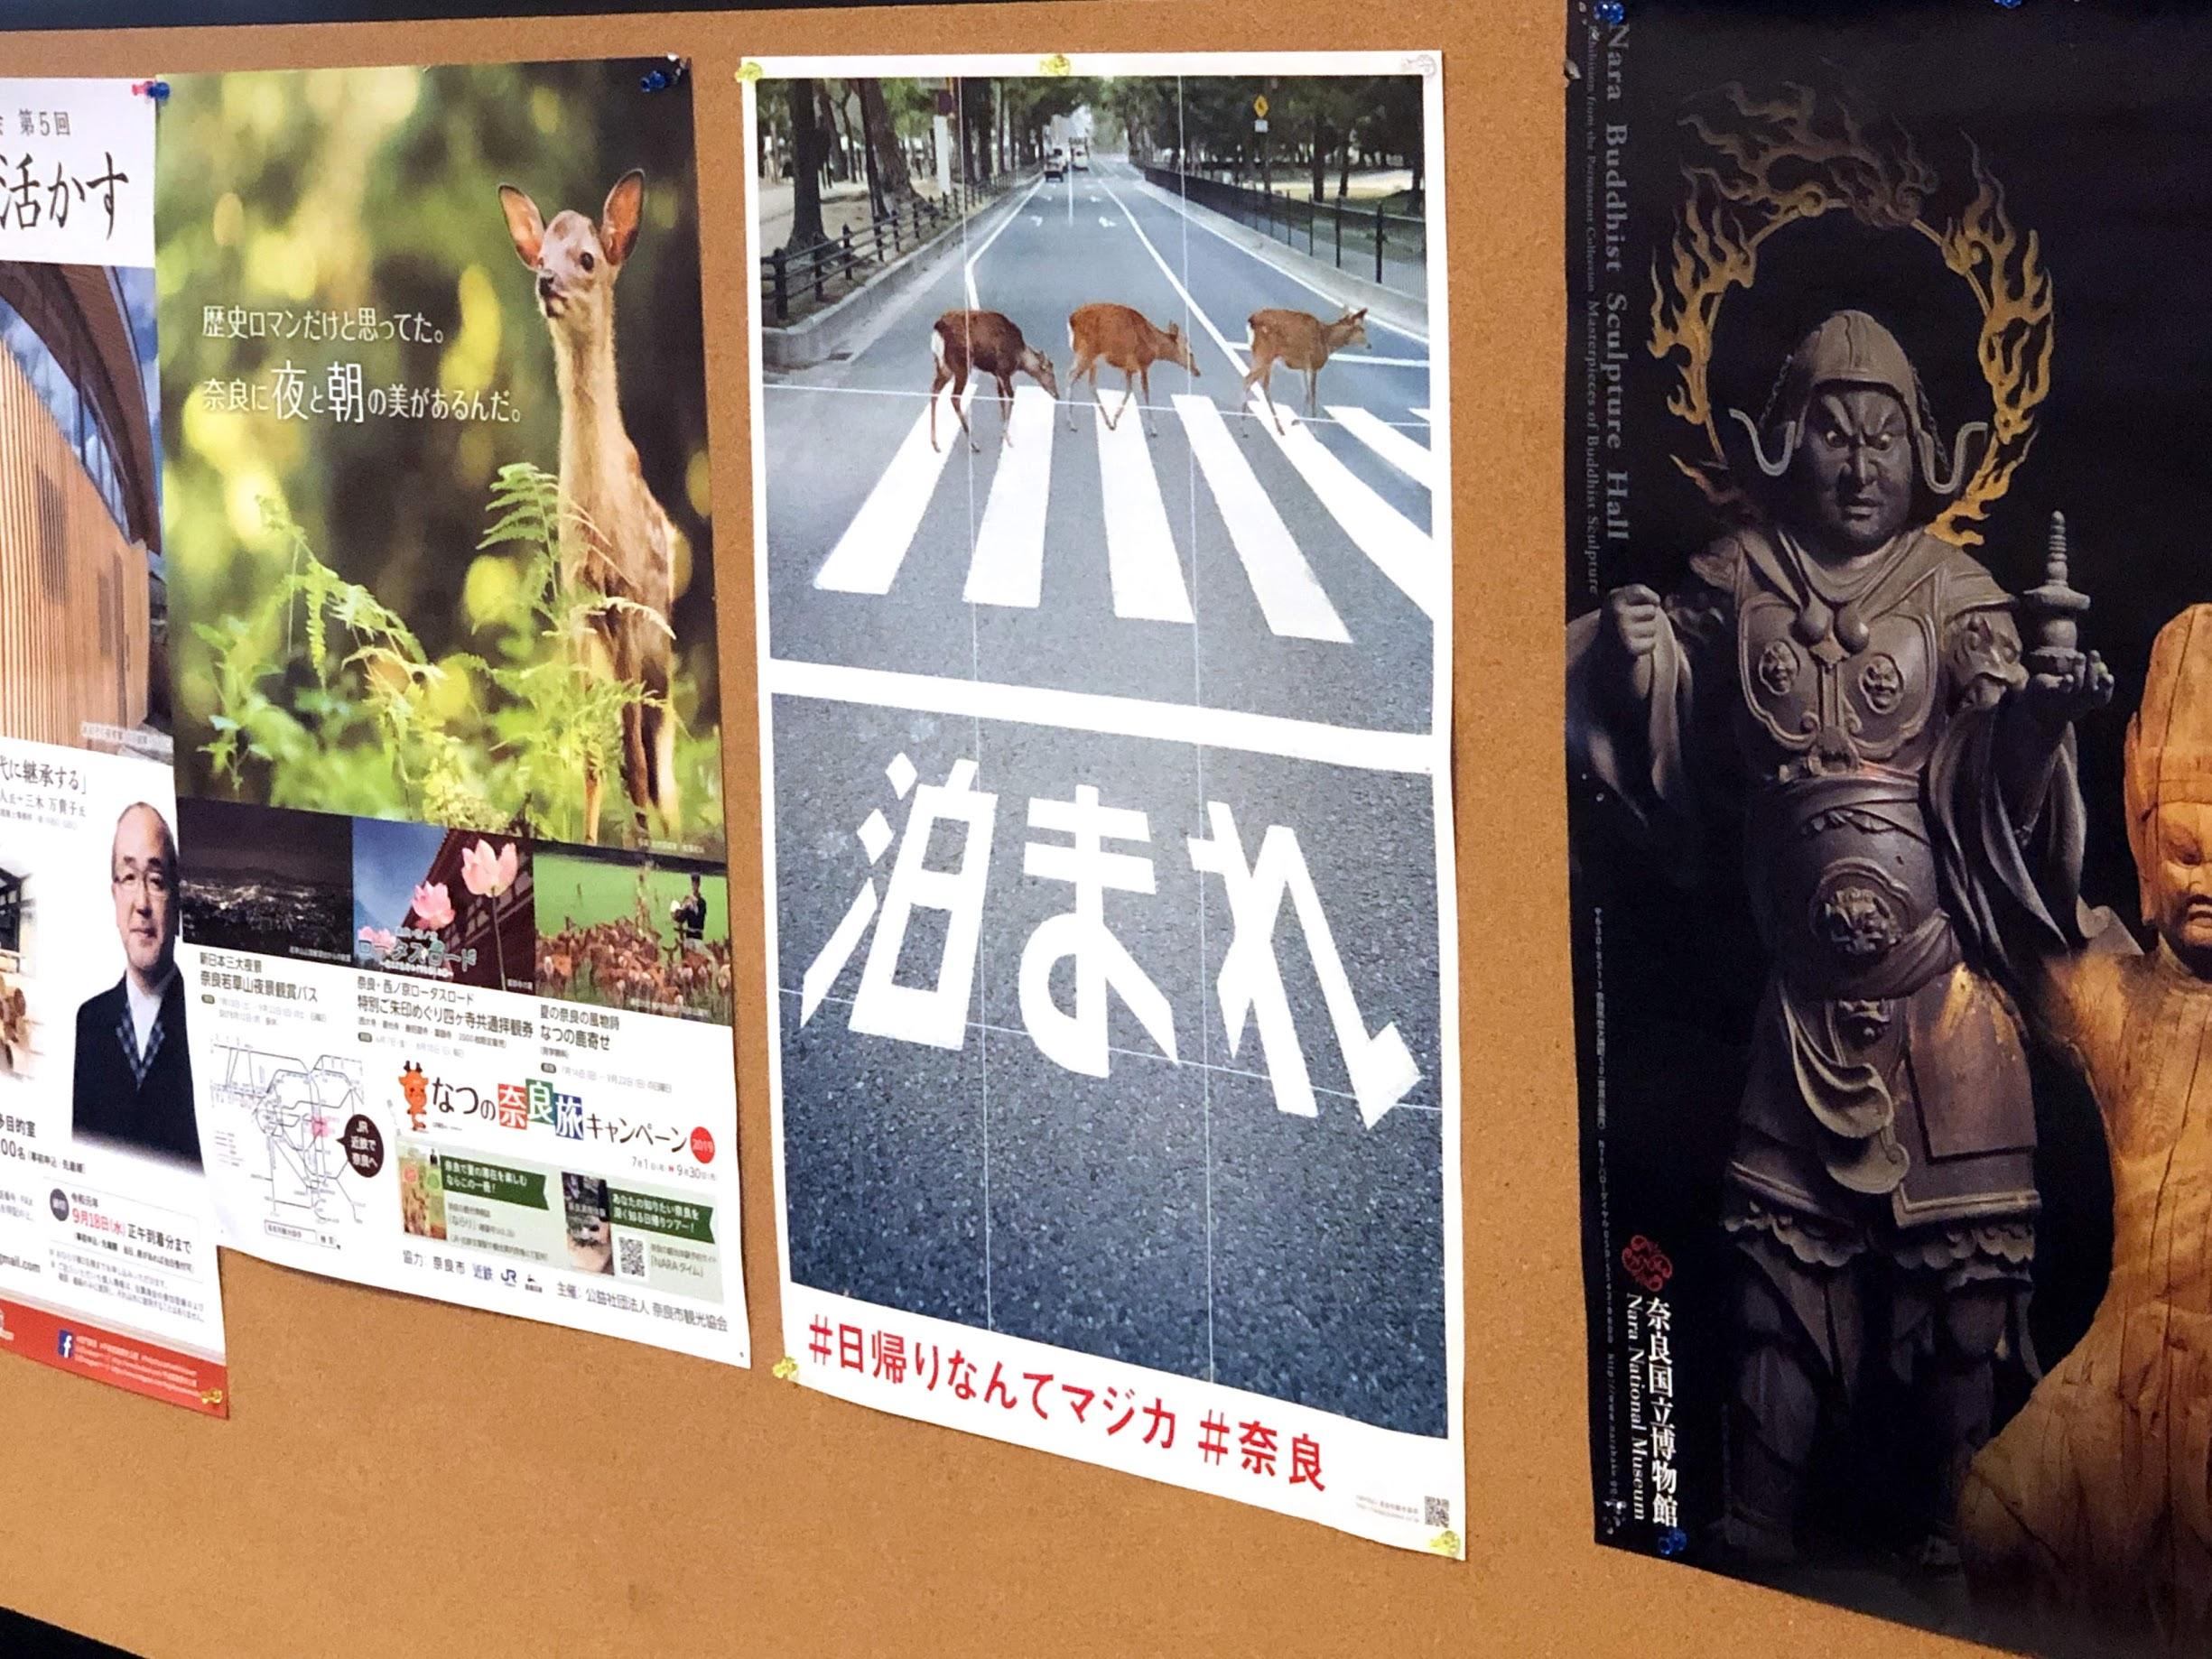 そうだ、奈良に行こう